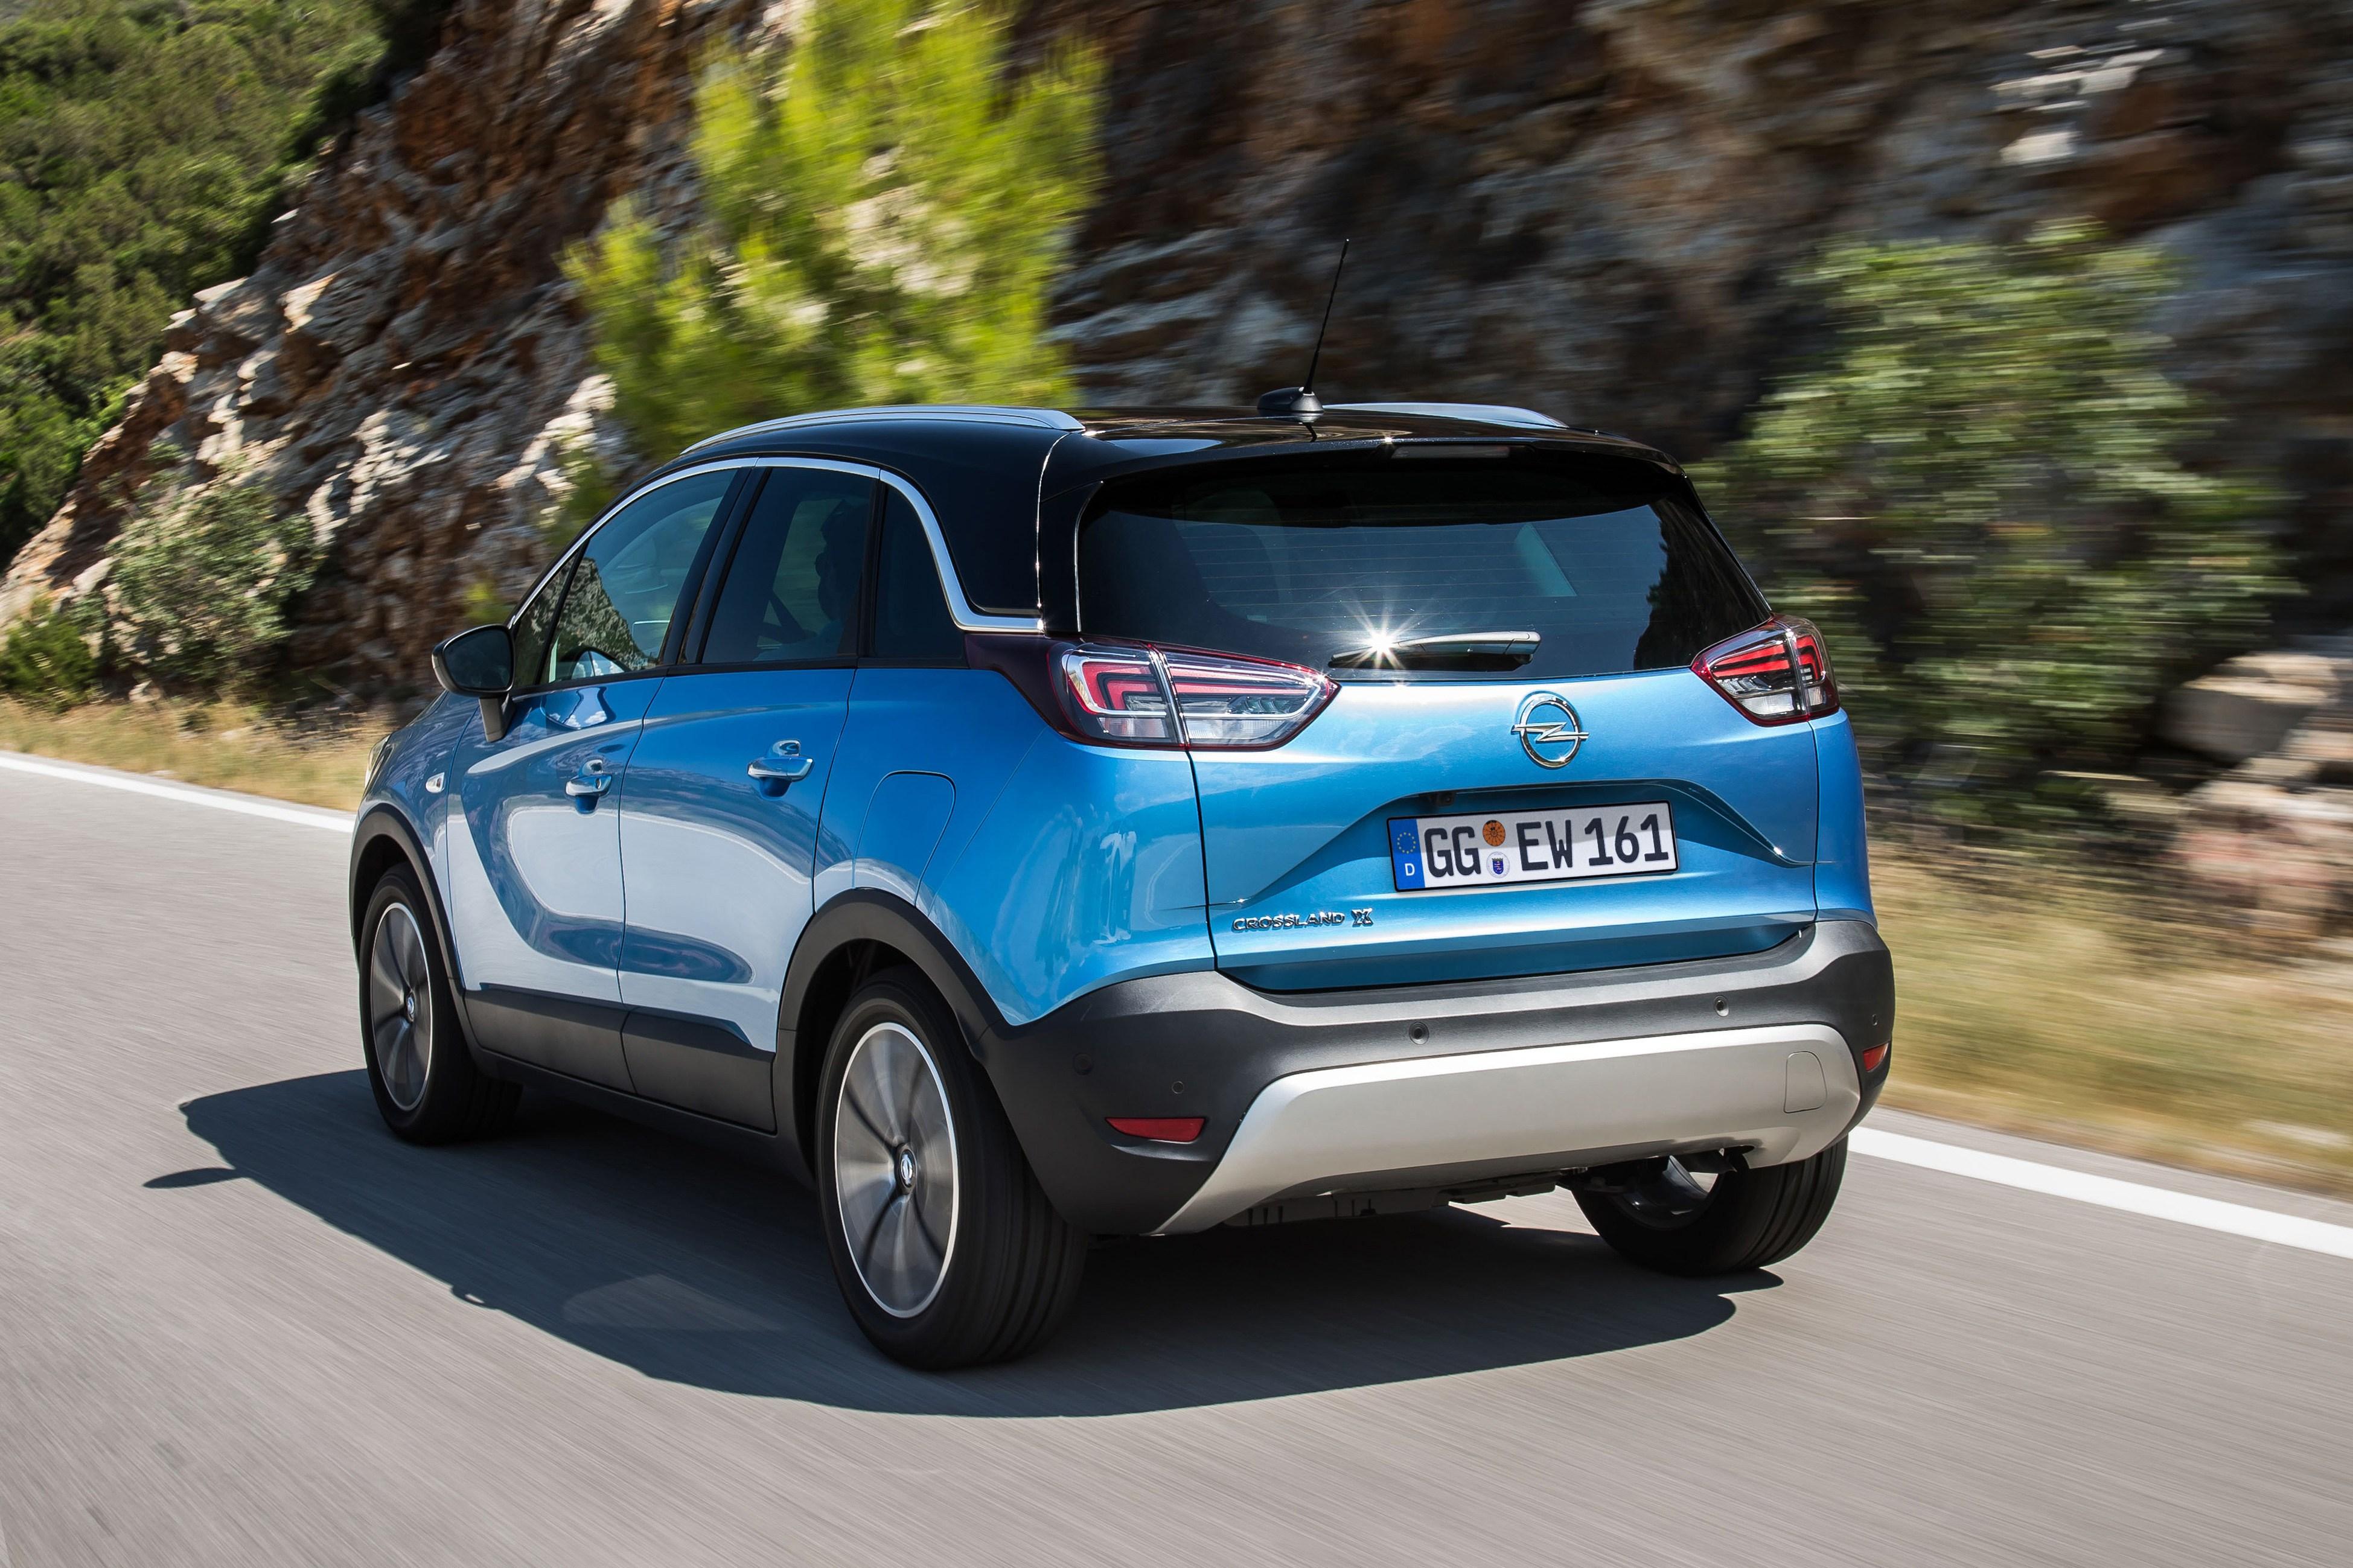 Πέρασαν τις 100.000 οι παραγγελίες για το Opel Crossland X